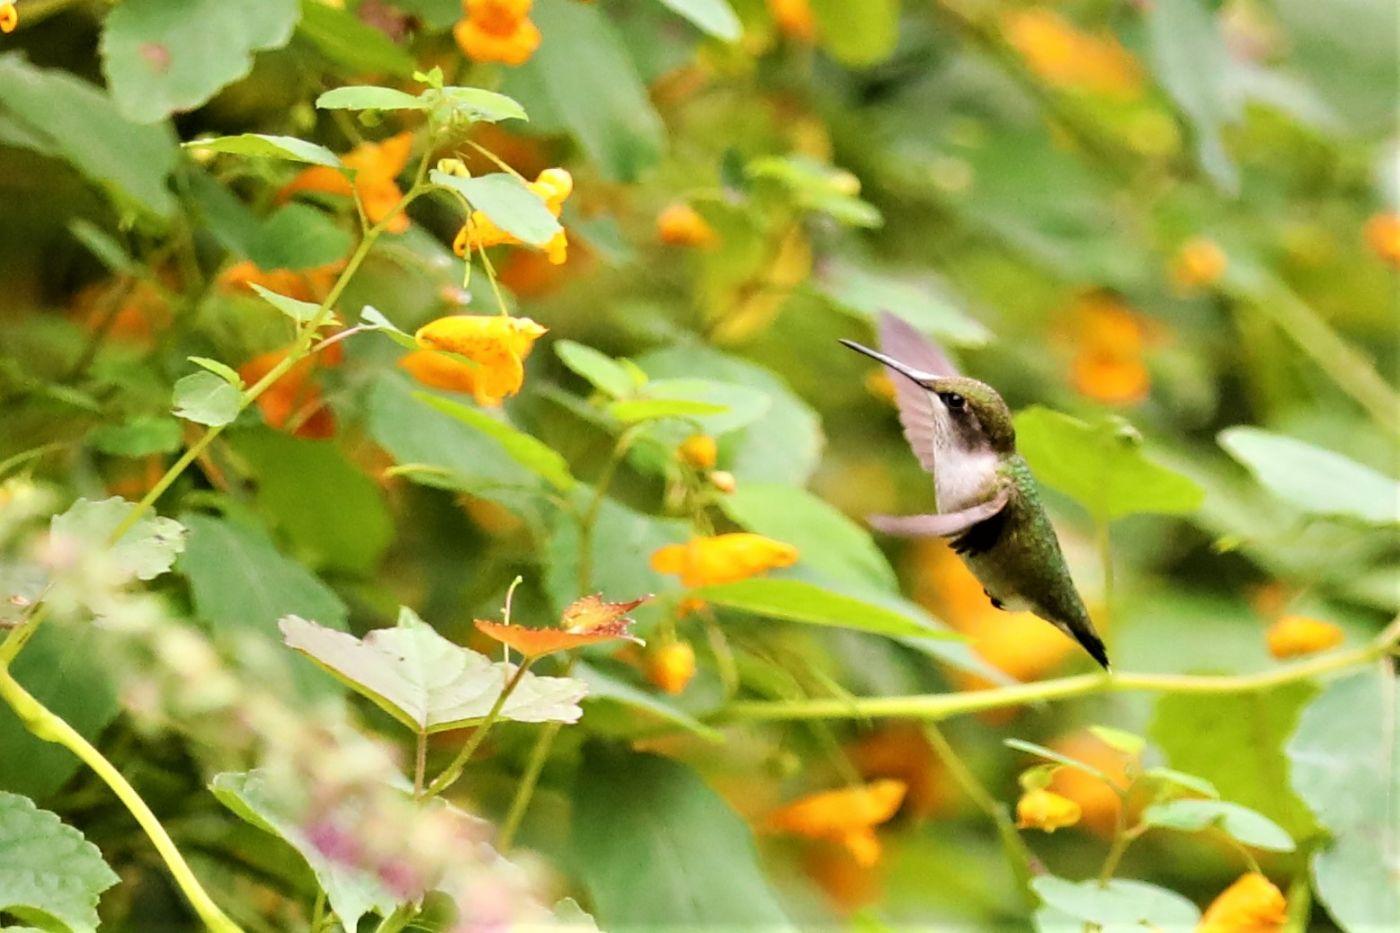 【爱摄影】追拍蜂鸟_图1-14